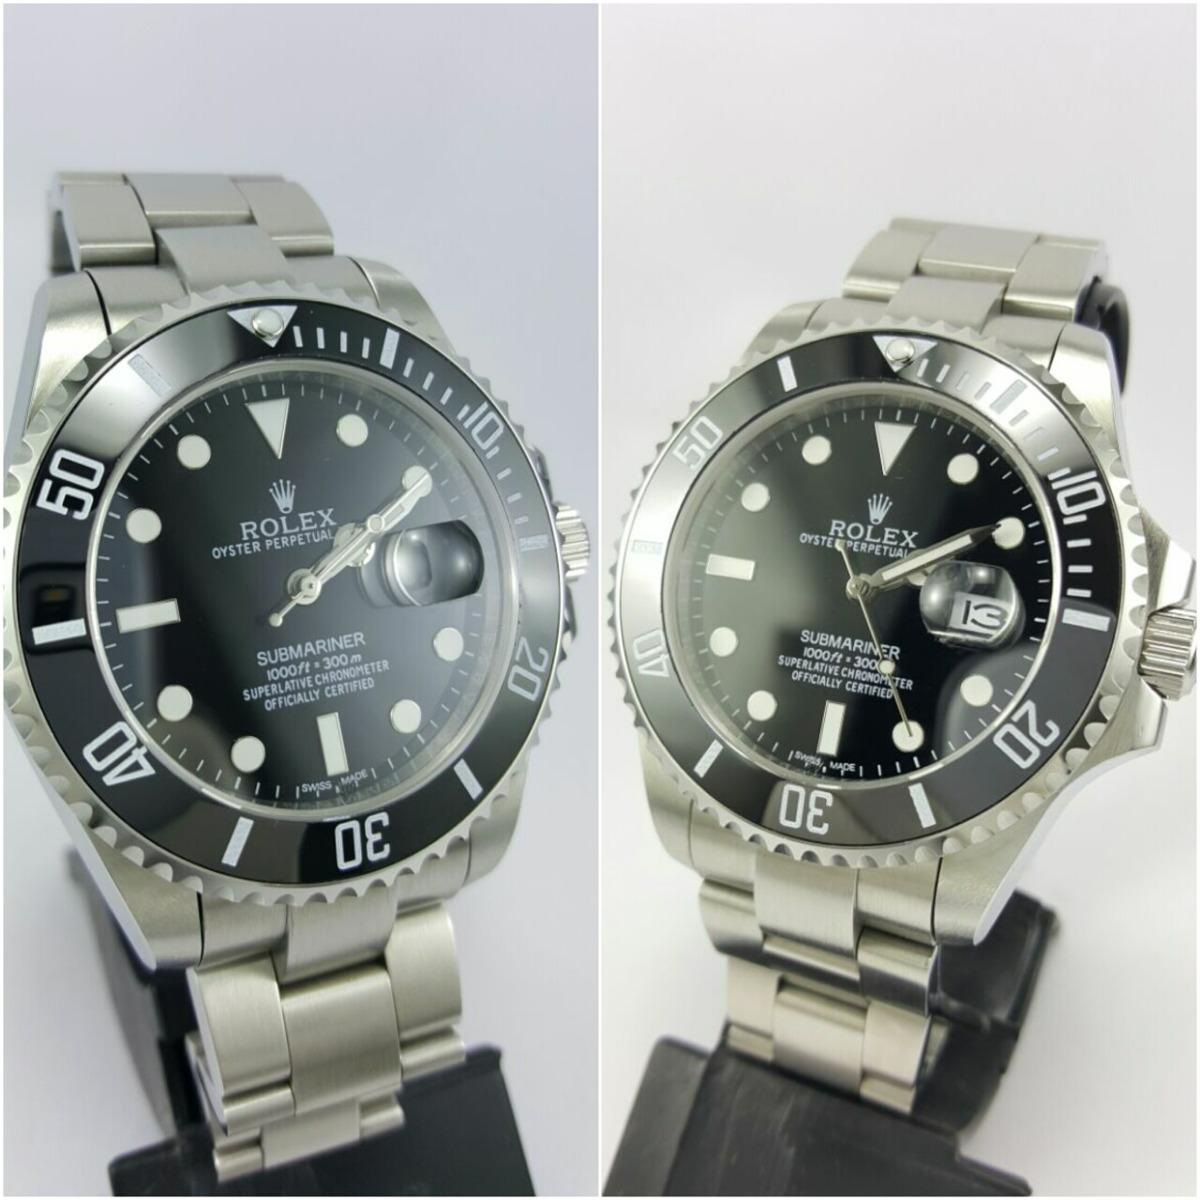 3a8621e341e kit relógio rolex submariner dois por preço de um. Carregando zoom.